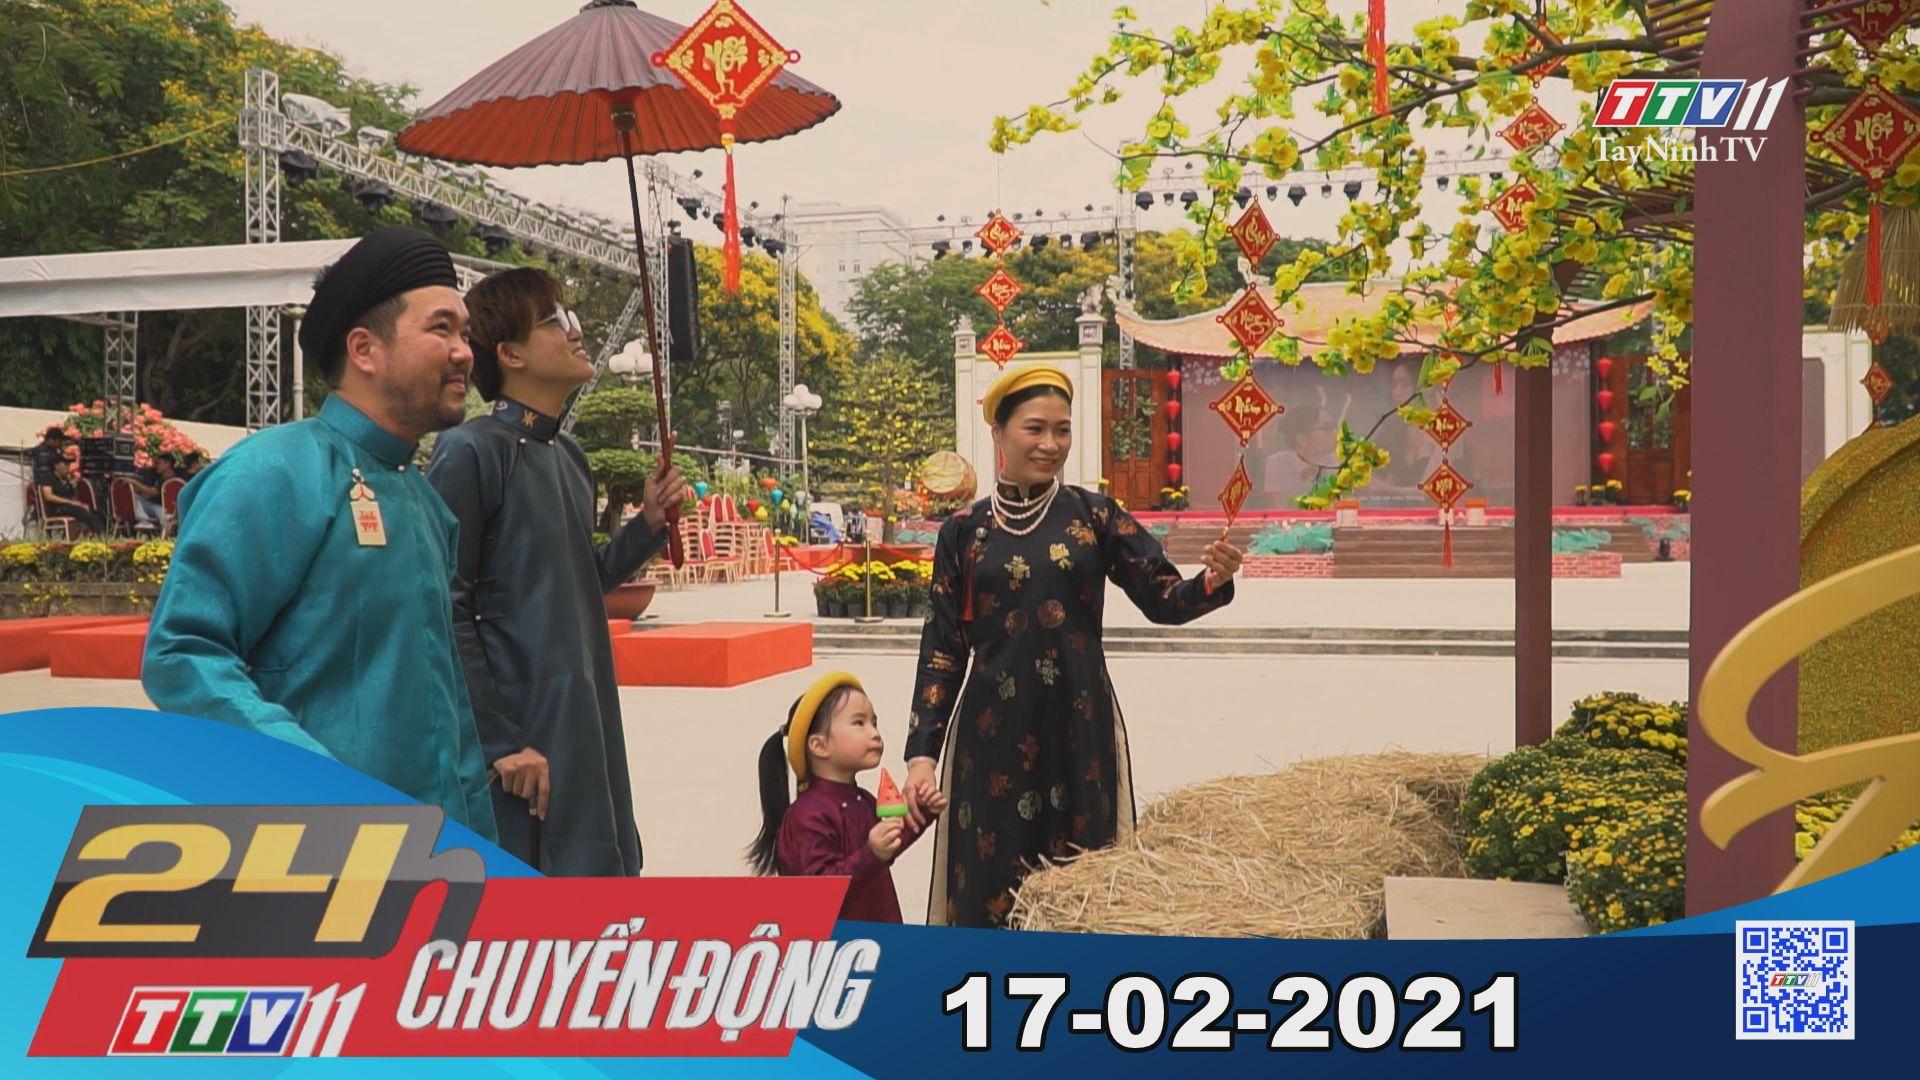 24h Chuyển động 17-02-2021 | Tin tức hôm nay | TayNinhTV